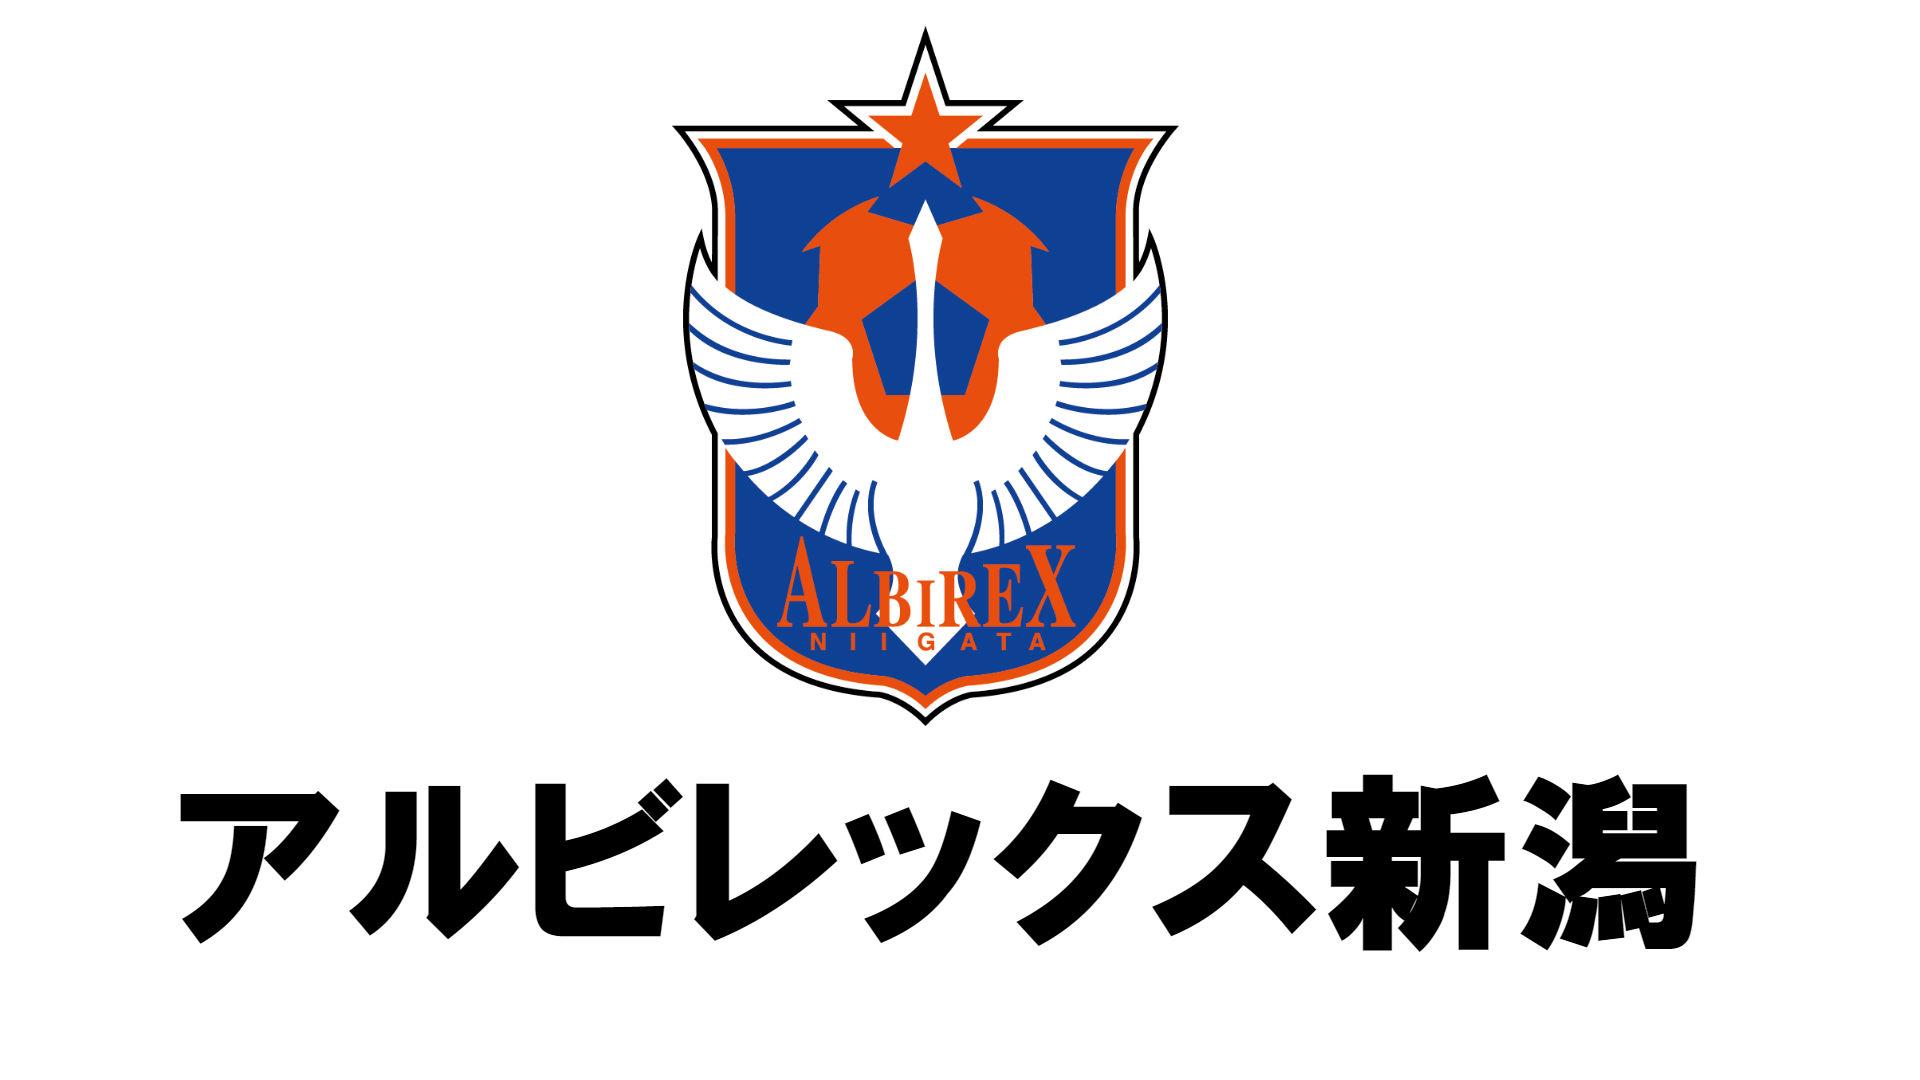 アルビレックス新潟.jpg